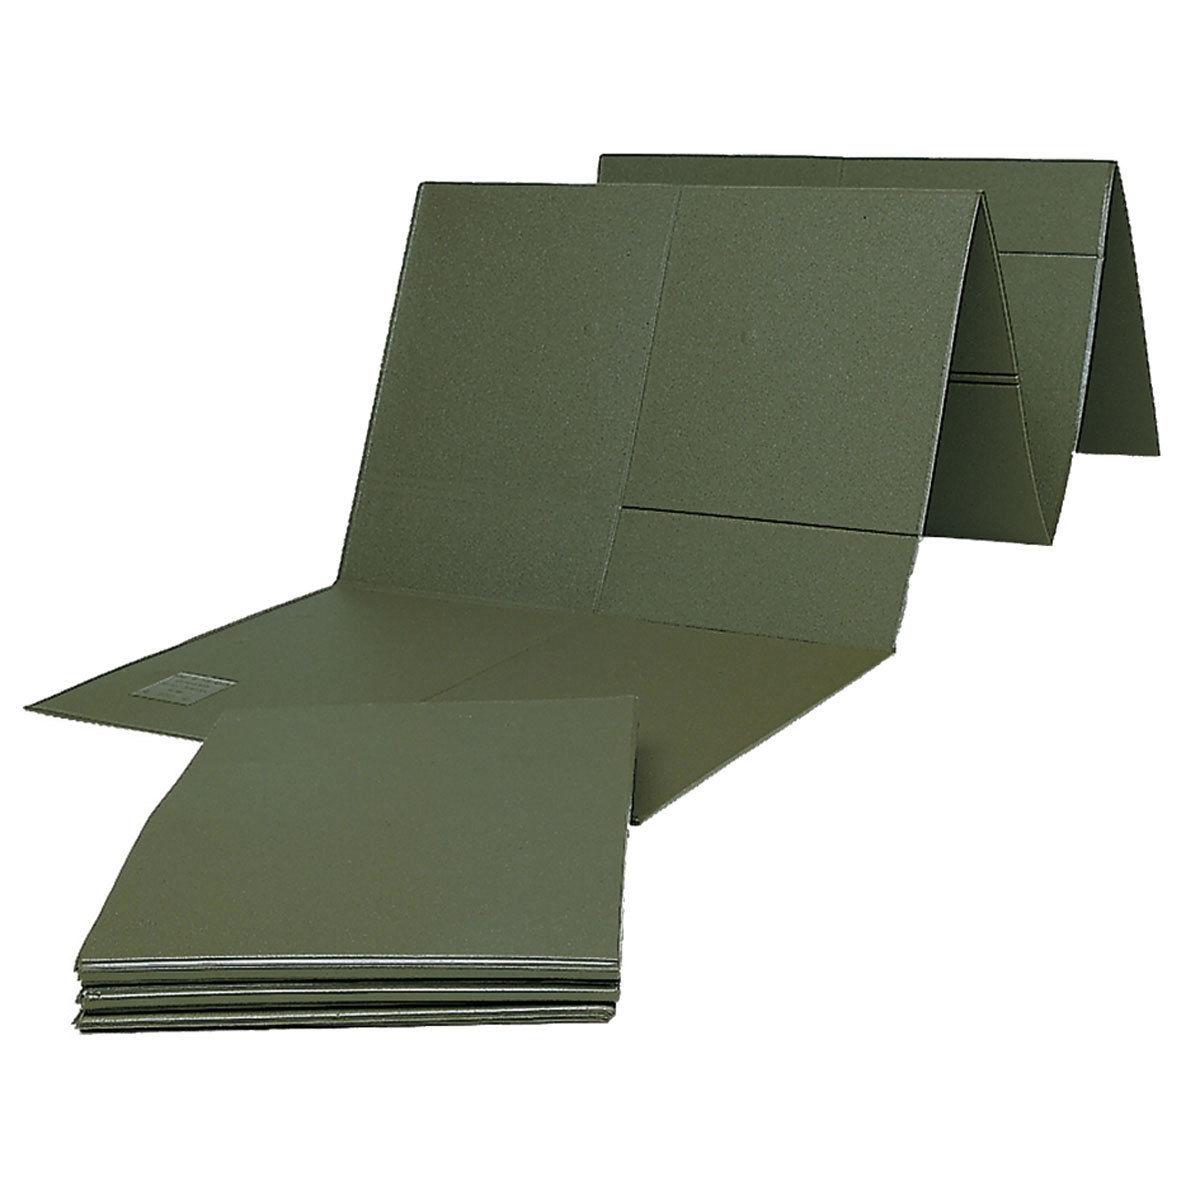 BW Bundeswehr Isomatte faltbar oliv, Thermomatte Schlafsackunterlage gebraucht